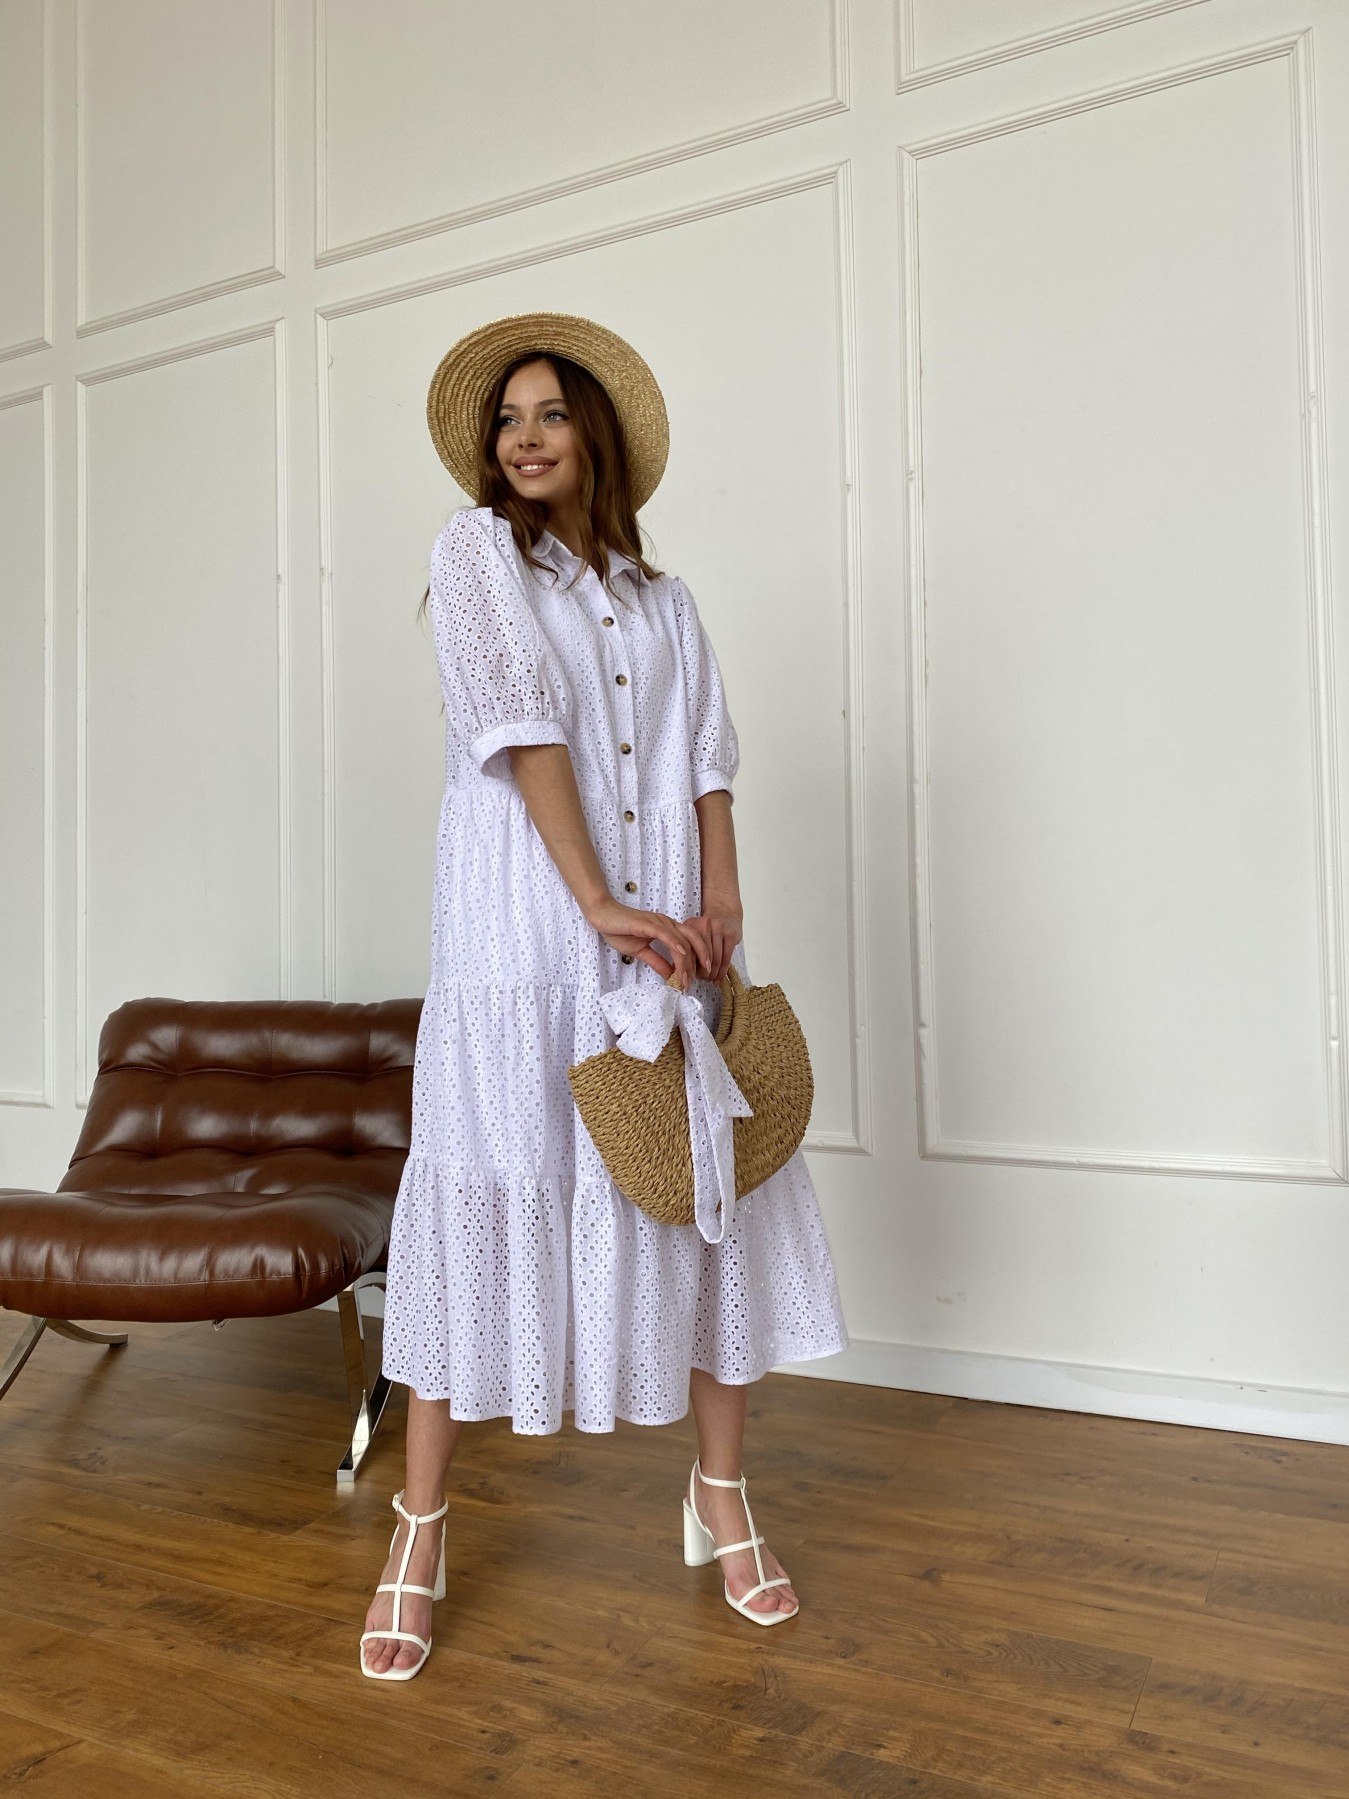 Коста Бланка платье с коротким рукавом из прошвы 11359 АРТ. 47966 Цвет: Белый/МелЦветПерфор - фото 7, интернет магазин tm-modus.ru